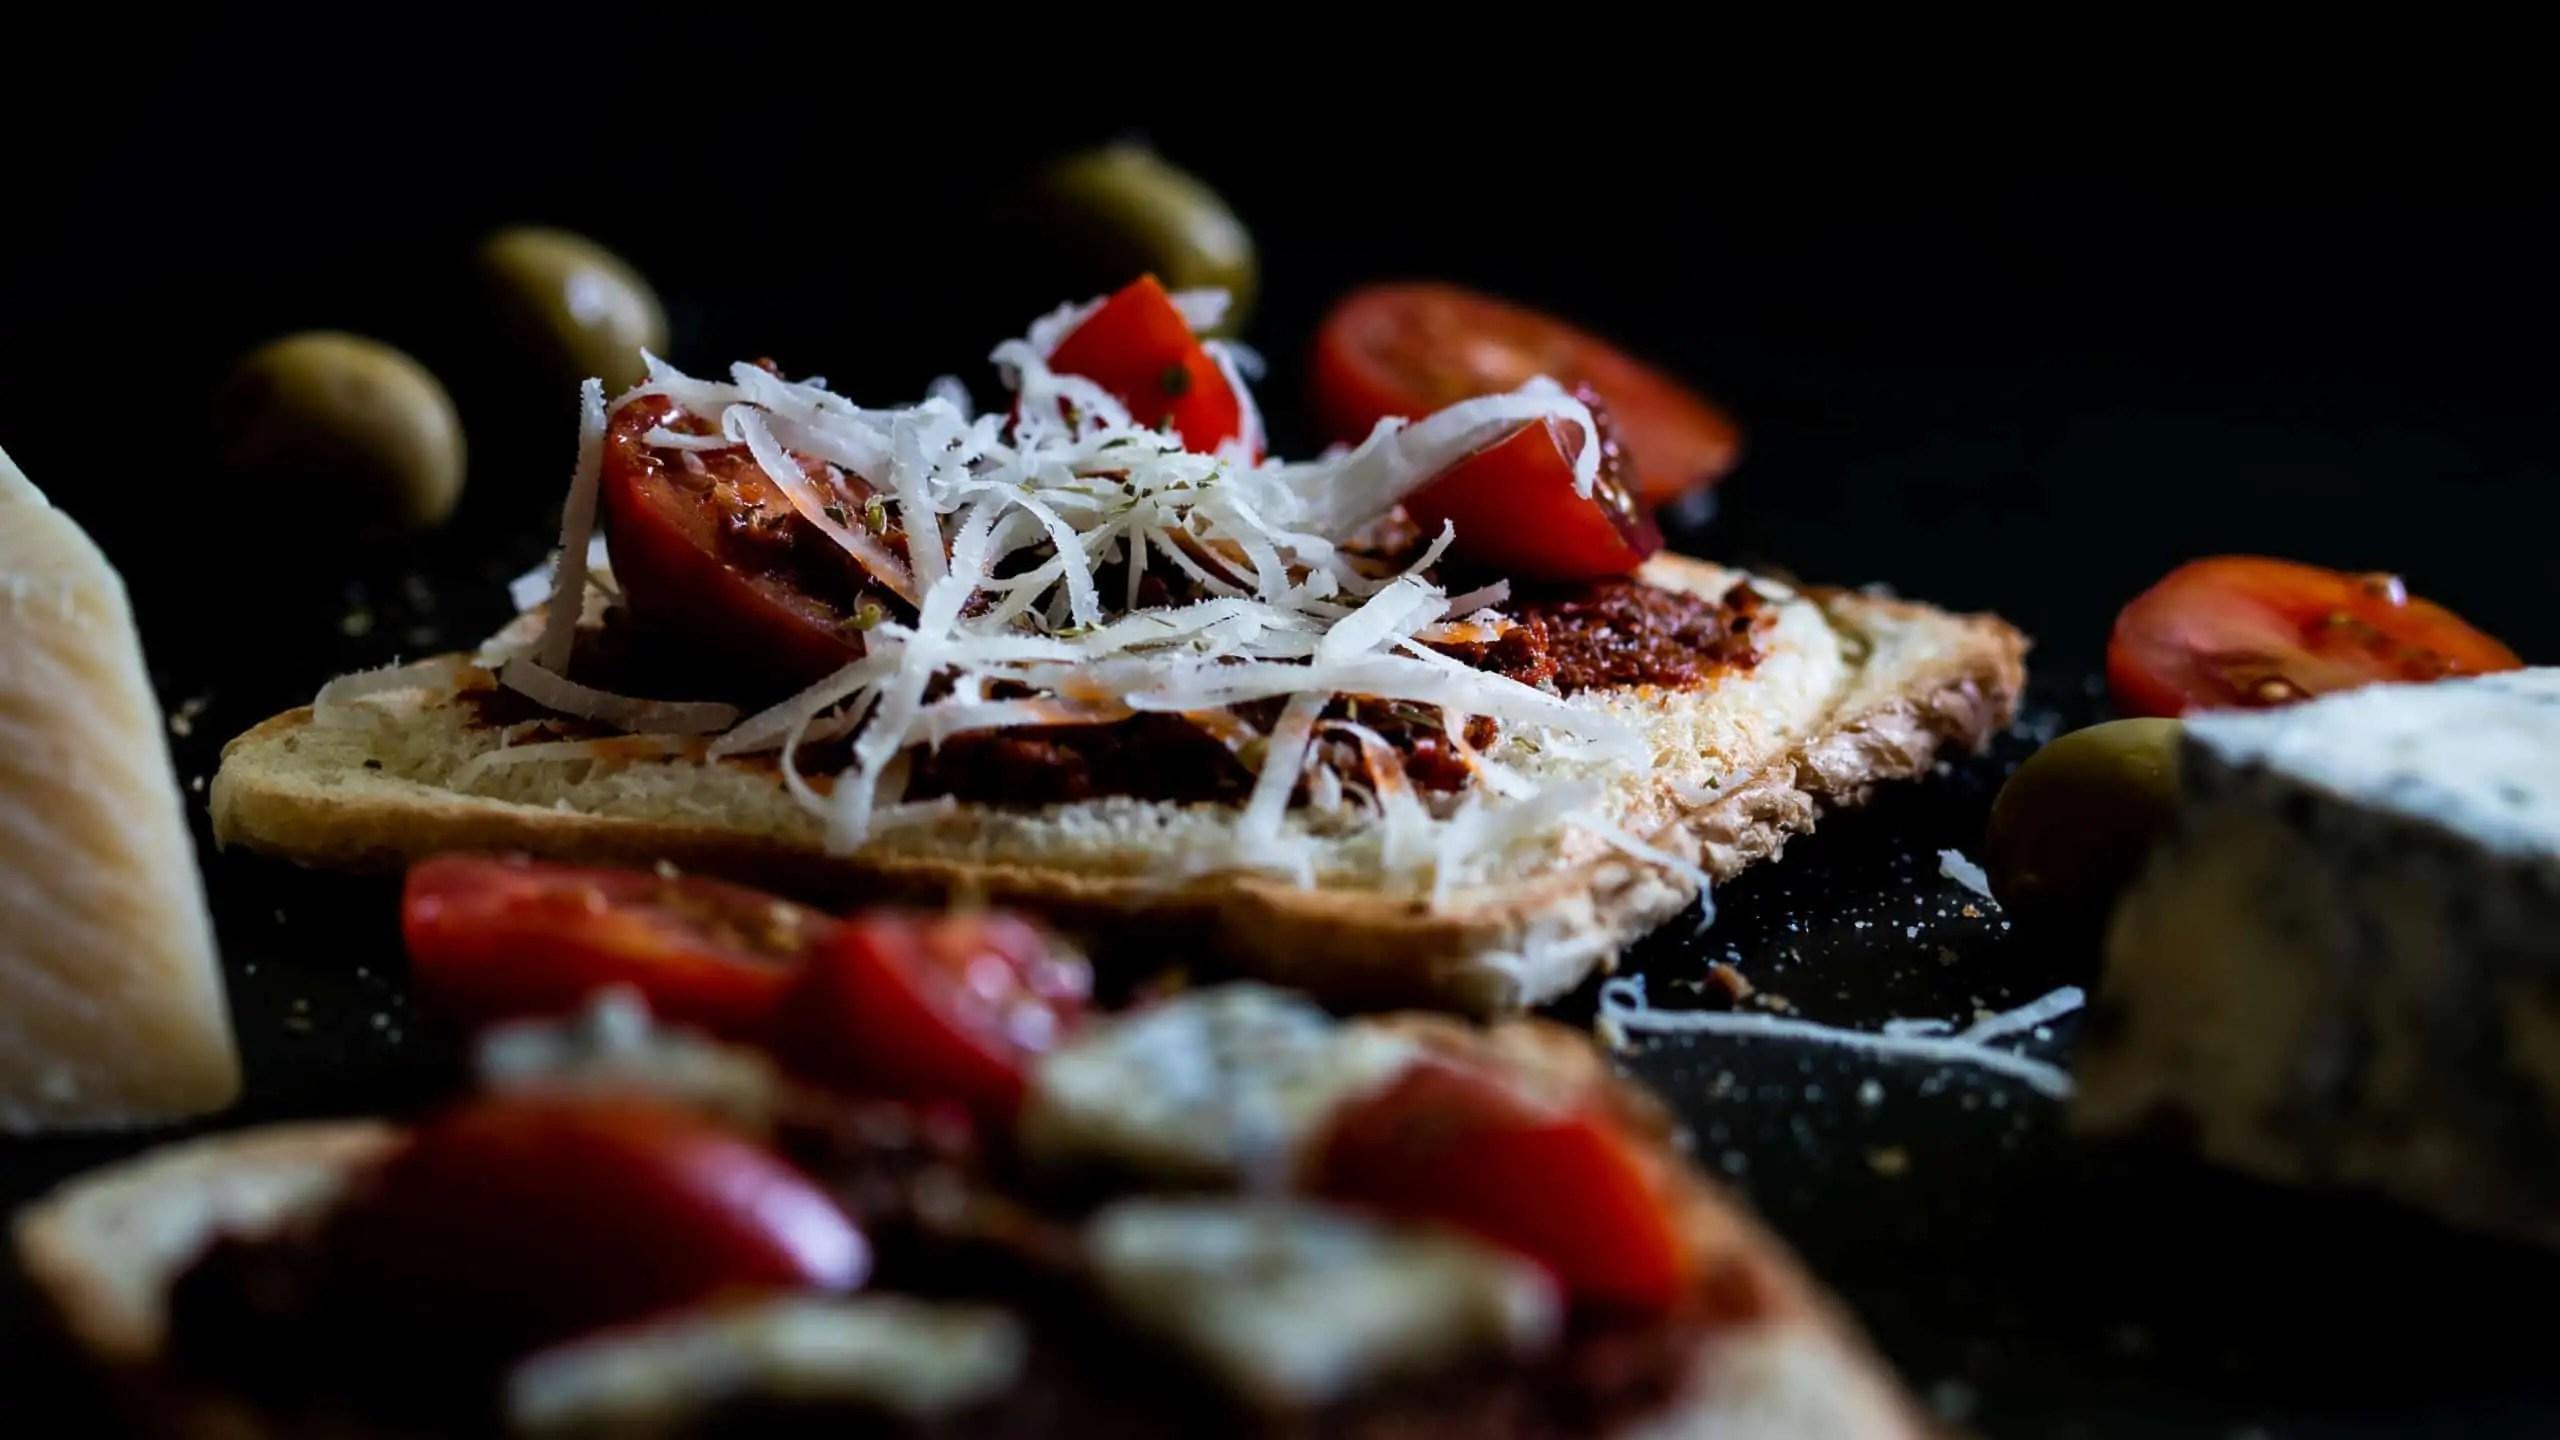 czarna fotografia produktowa w domowych warunkach zdjęcia tostów z czerwonym pesto 1 scaled - Czarna fotografia produktowa